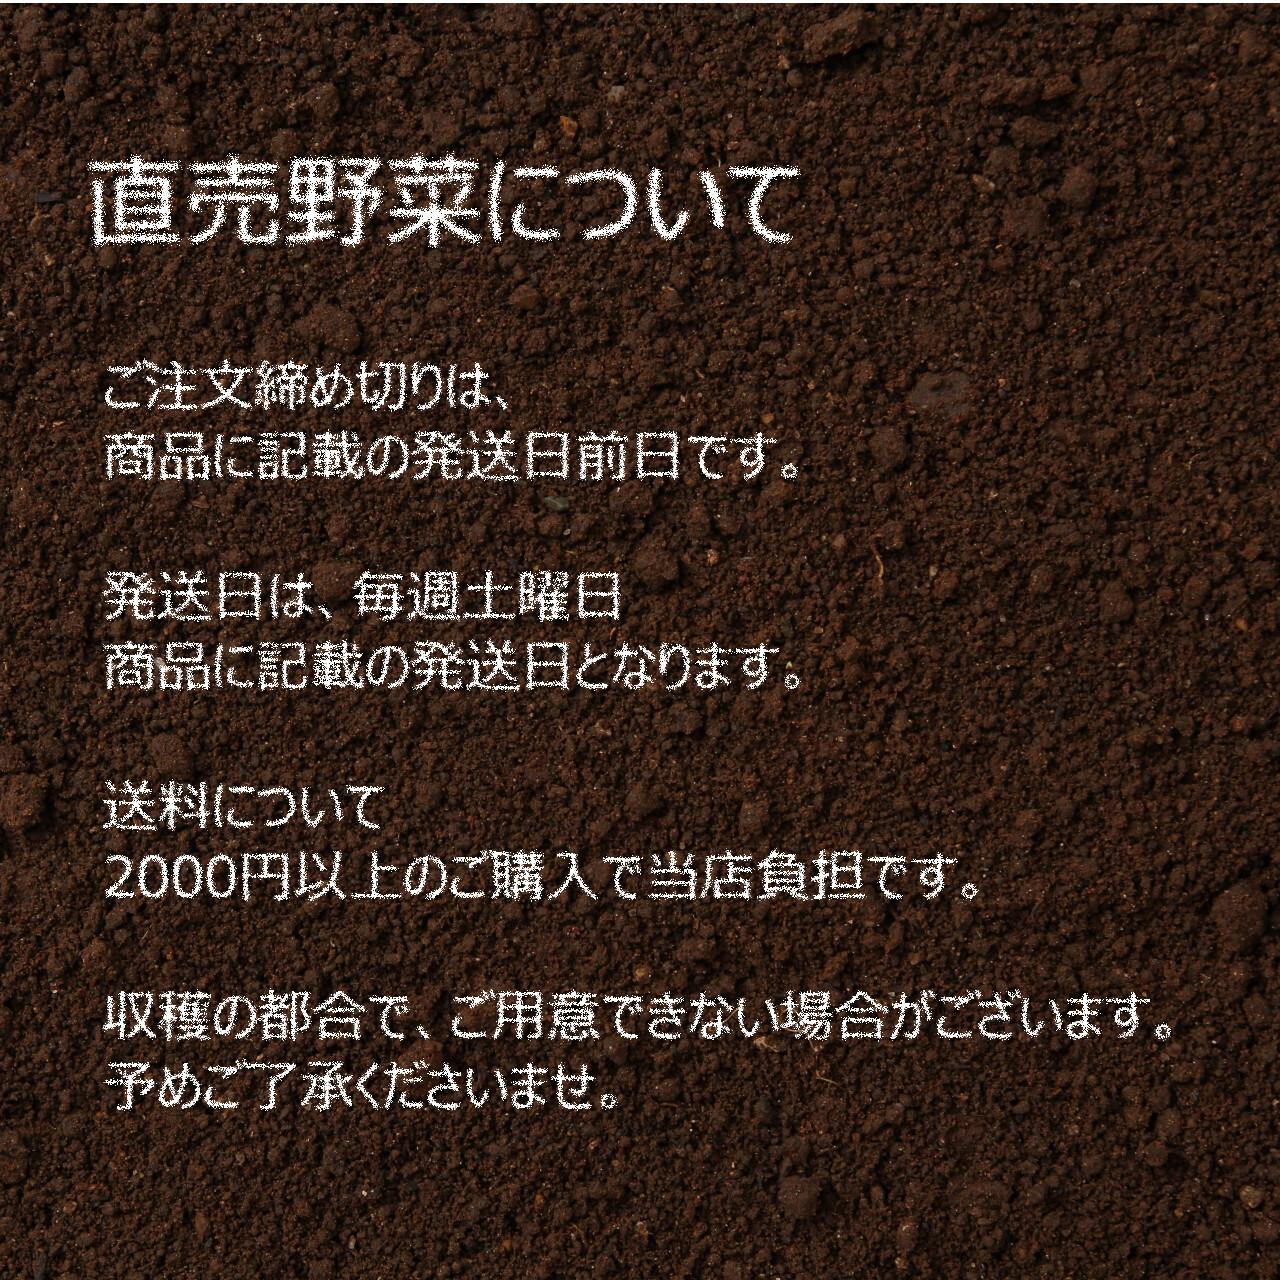 新鮮な秋野菜 : ネギ 3~4本 9月の朝採り直売野菜 9月5日発送予定